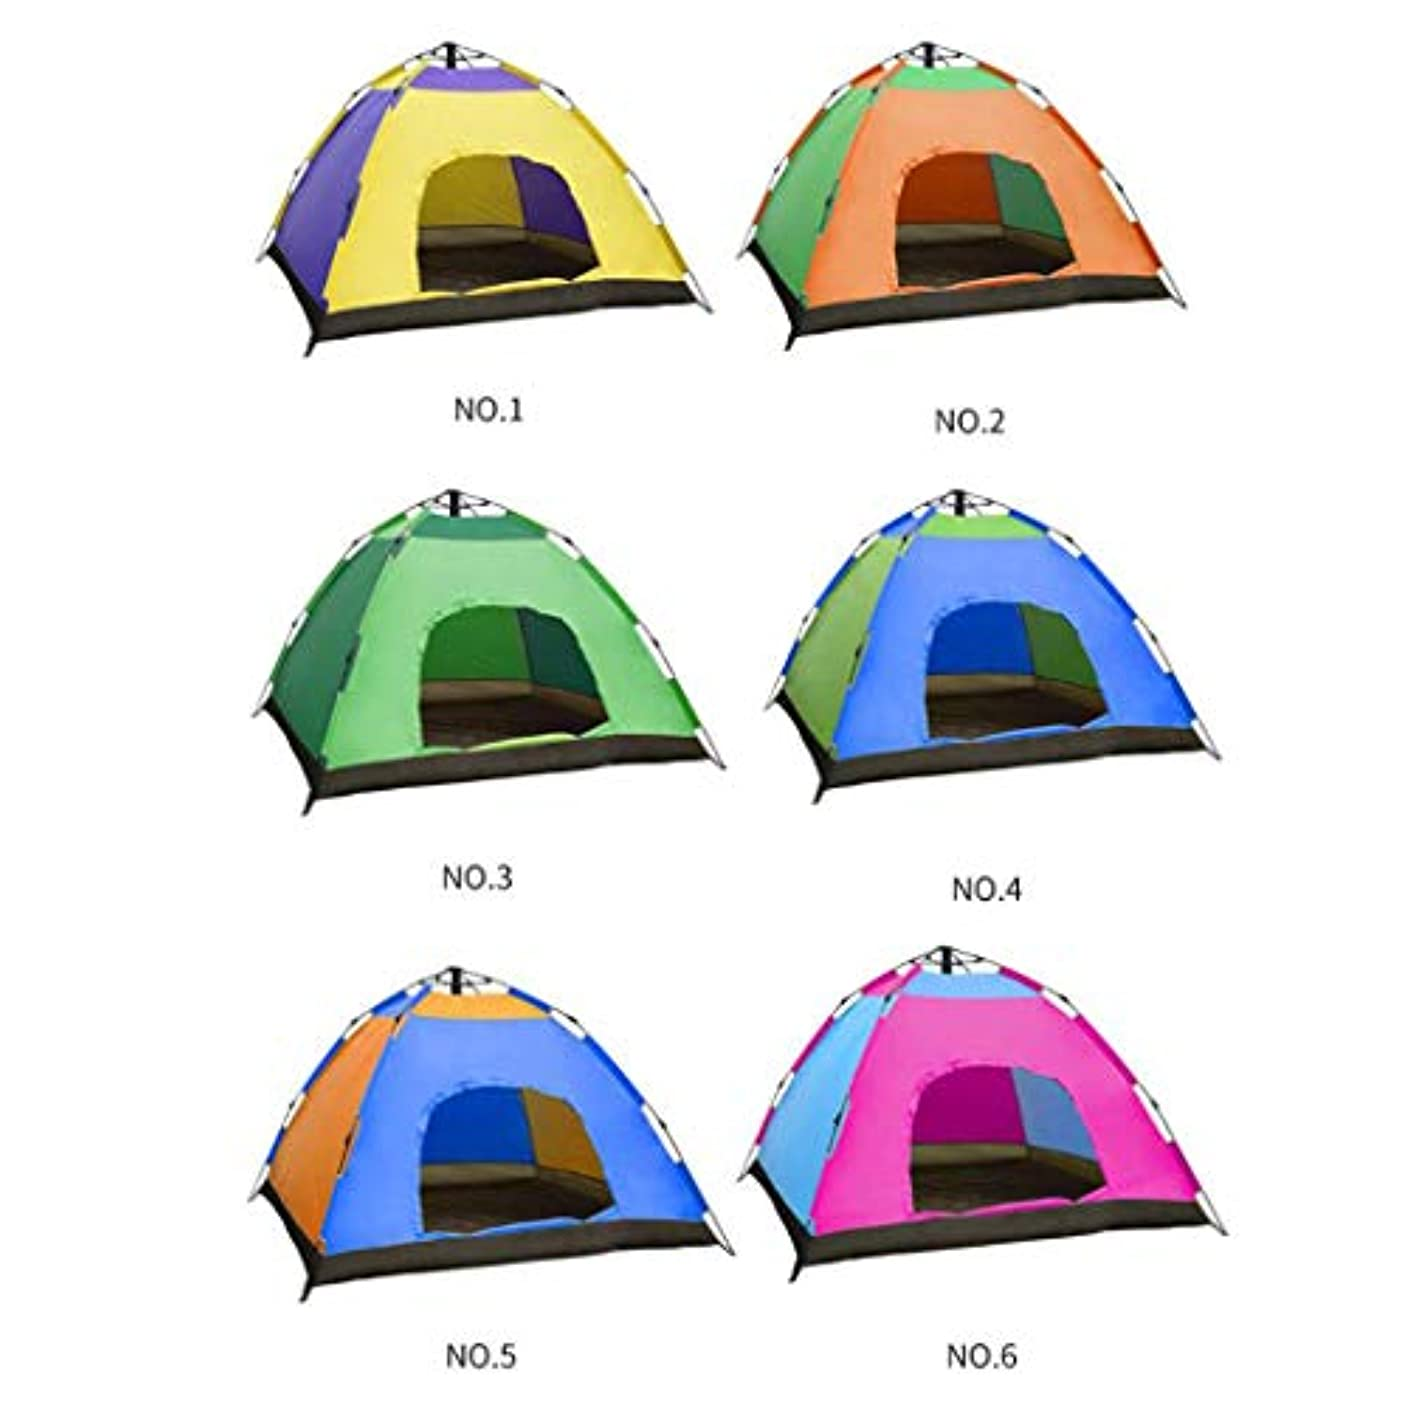 草固執資本8-10人自動春テント防雨観光キャンプテント防雨屋外テント